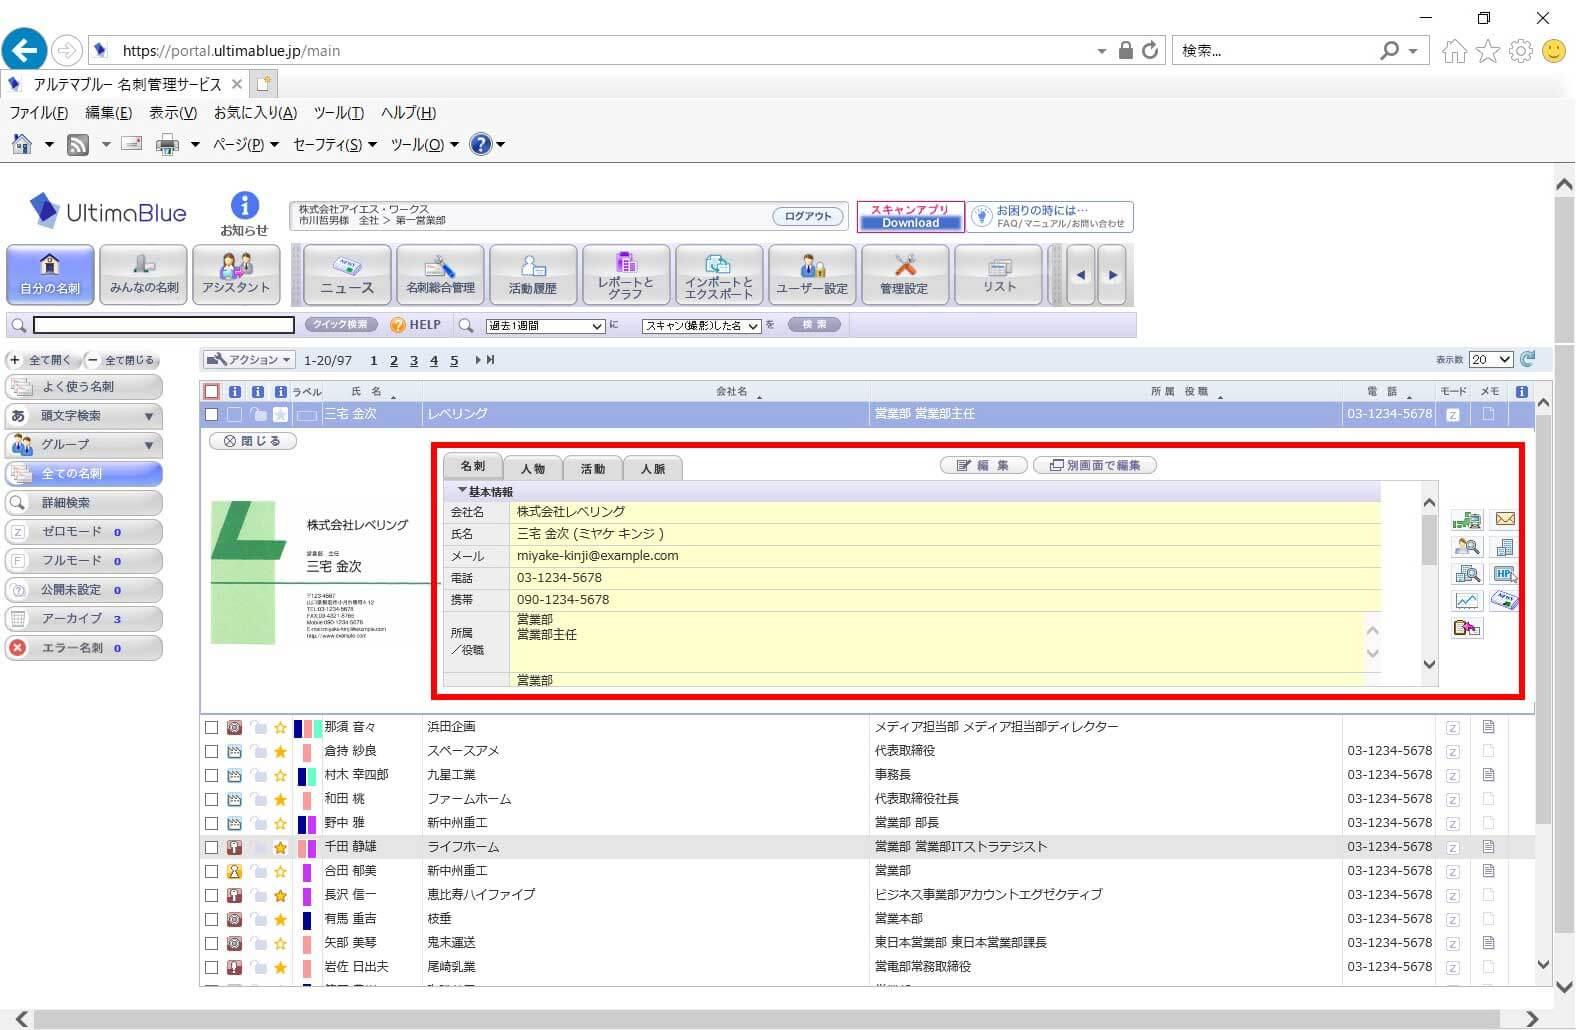 登録された名刺データを選択すると、さまざまな情報を確認・編集することができます。